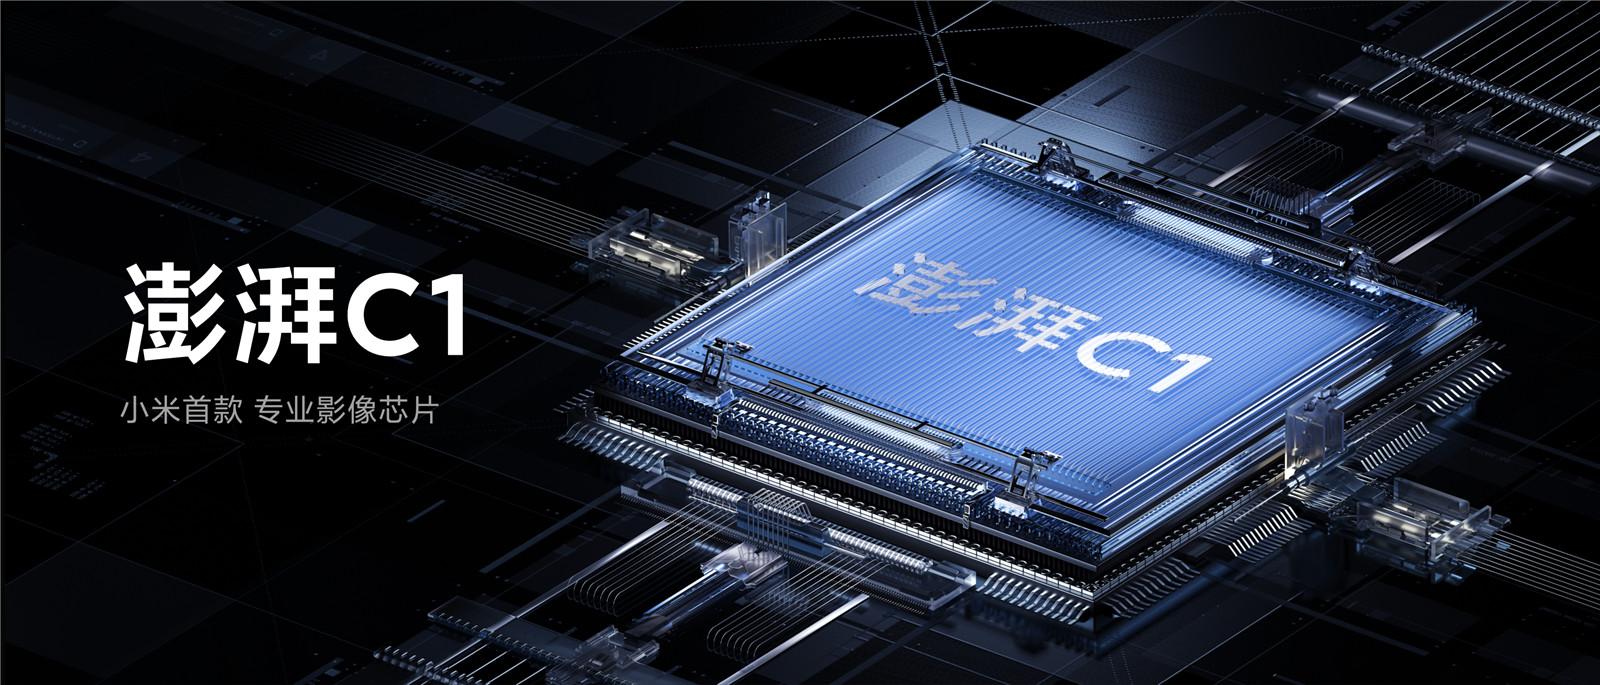 头部大厂纷纷入局芯片行业 明年将有新突破